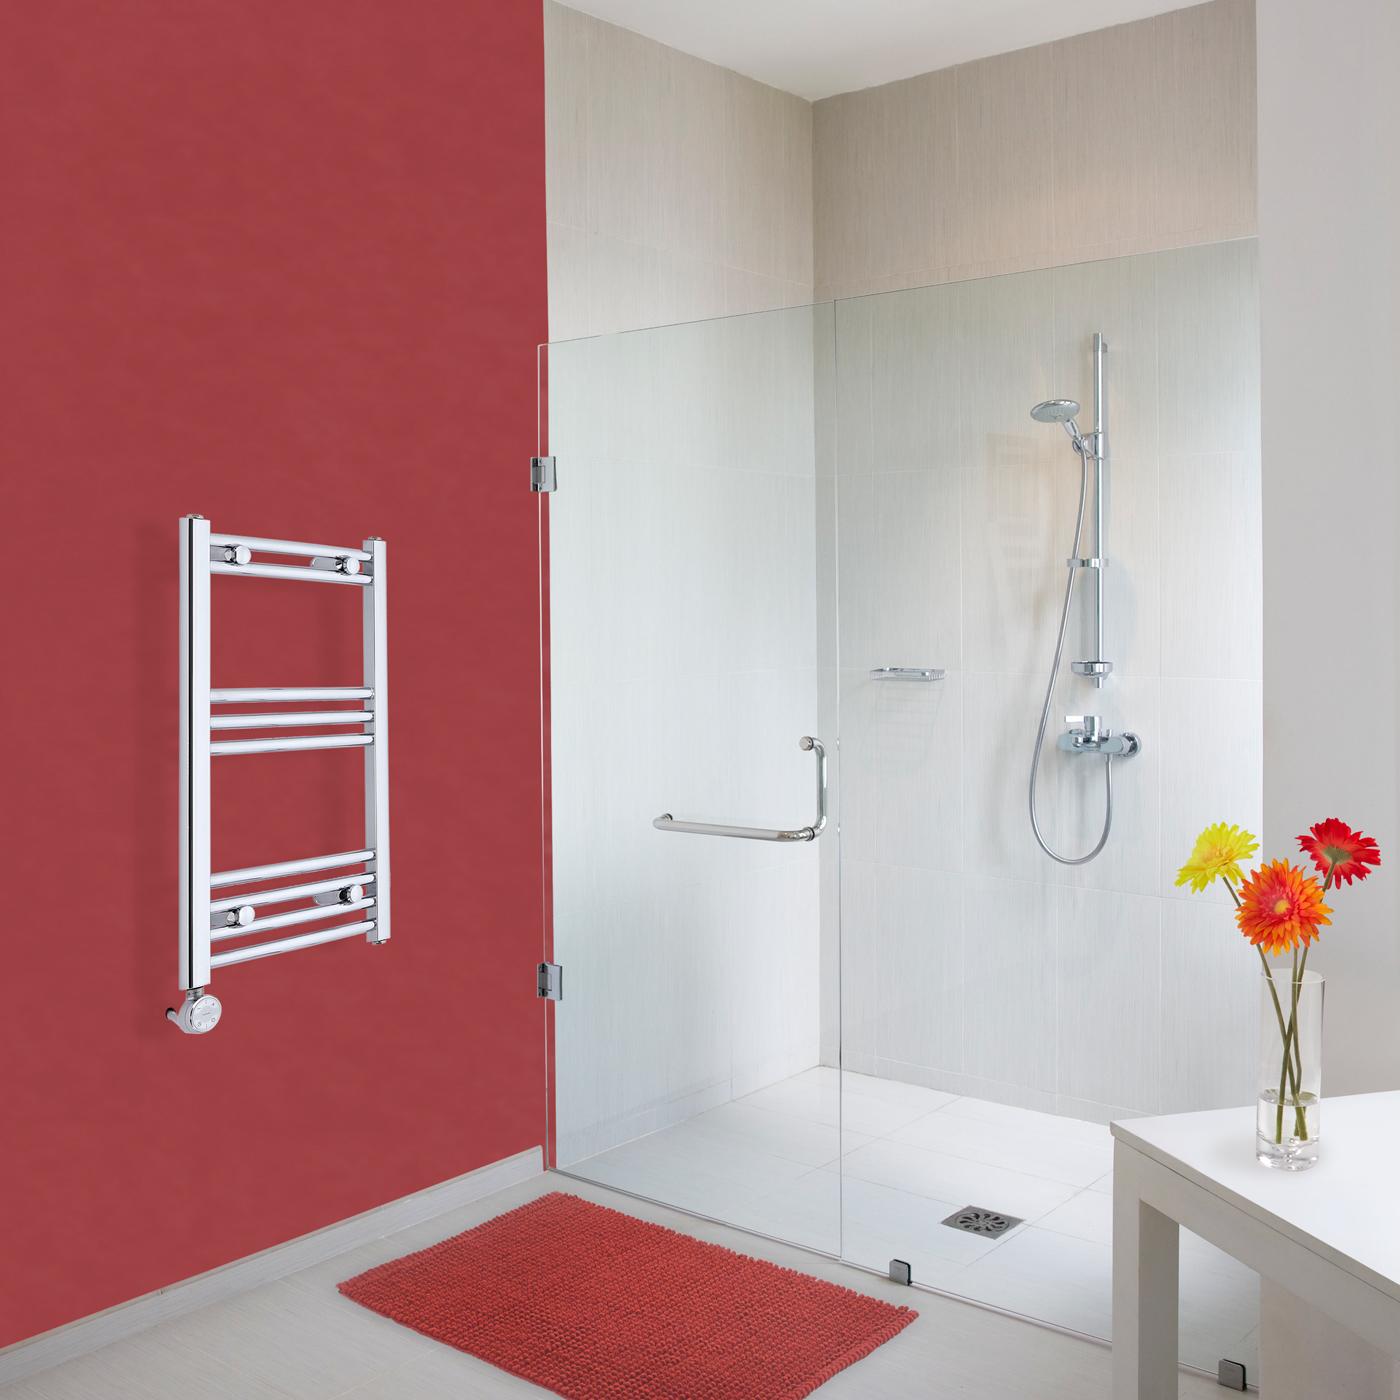 Elektrischer Handtuchheizkörper Gebogen Chrom 700mm x 400mm inkl. ein 400W Heizelement - Etna